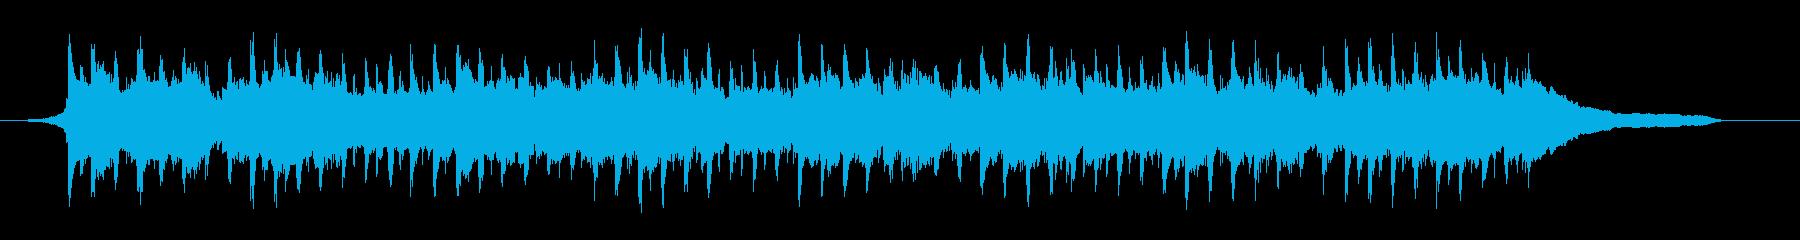 CM15/アコギ/爽やか/穏やか/感動的の再生済みの波形